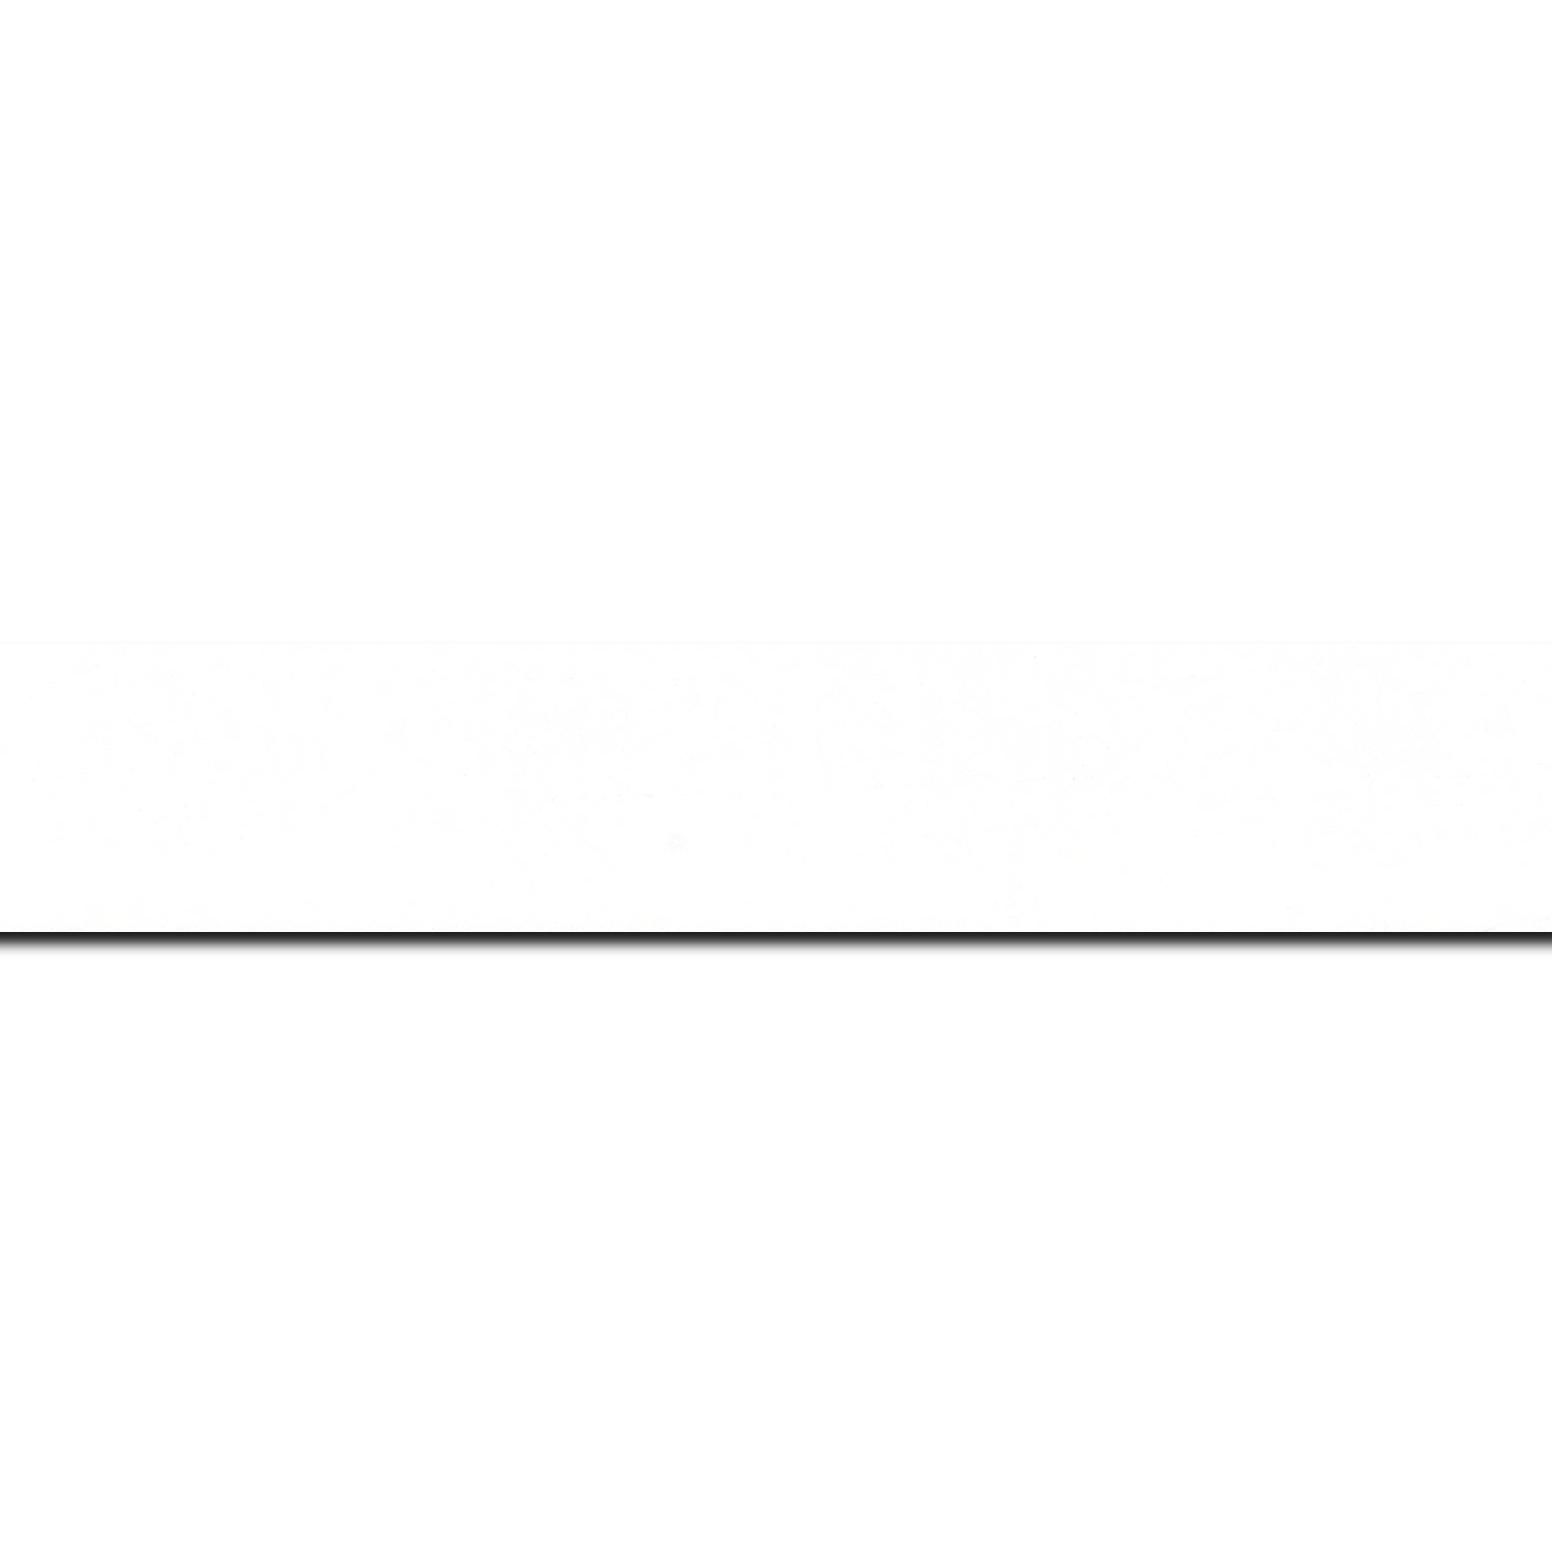 Pack par 12m, bois profil plat largeur 3cm couleur blanc mat finition pore bouché effet cube (le sujet qui sera glissé dans le cadre sera en retrait de la face du cadre de 1.4cm assurant un effet très contemporain) (longueur baguette pouvant varier entre 2.40m et 3m selon arrivage des bois)